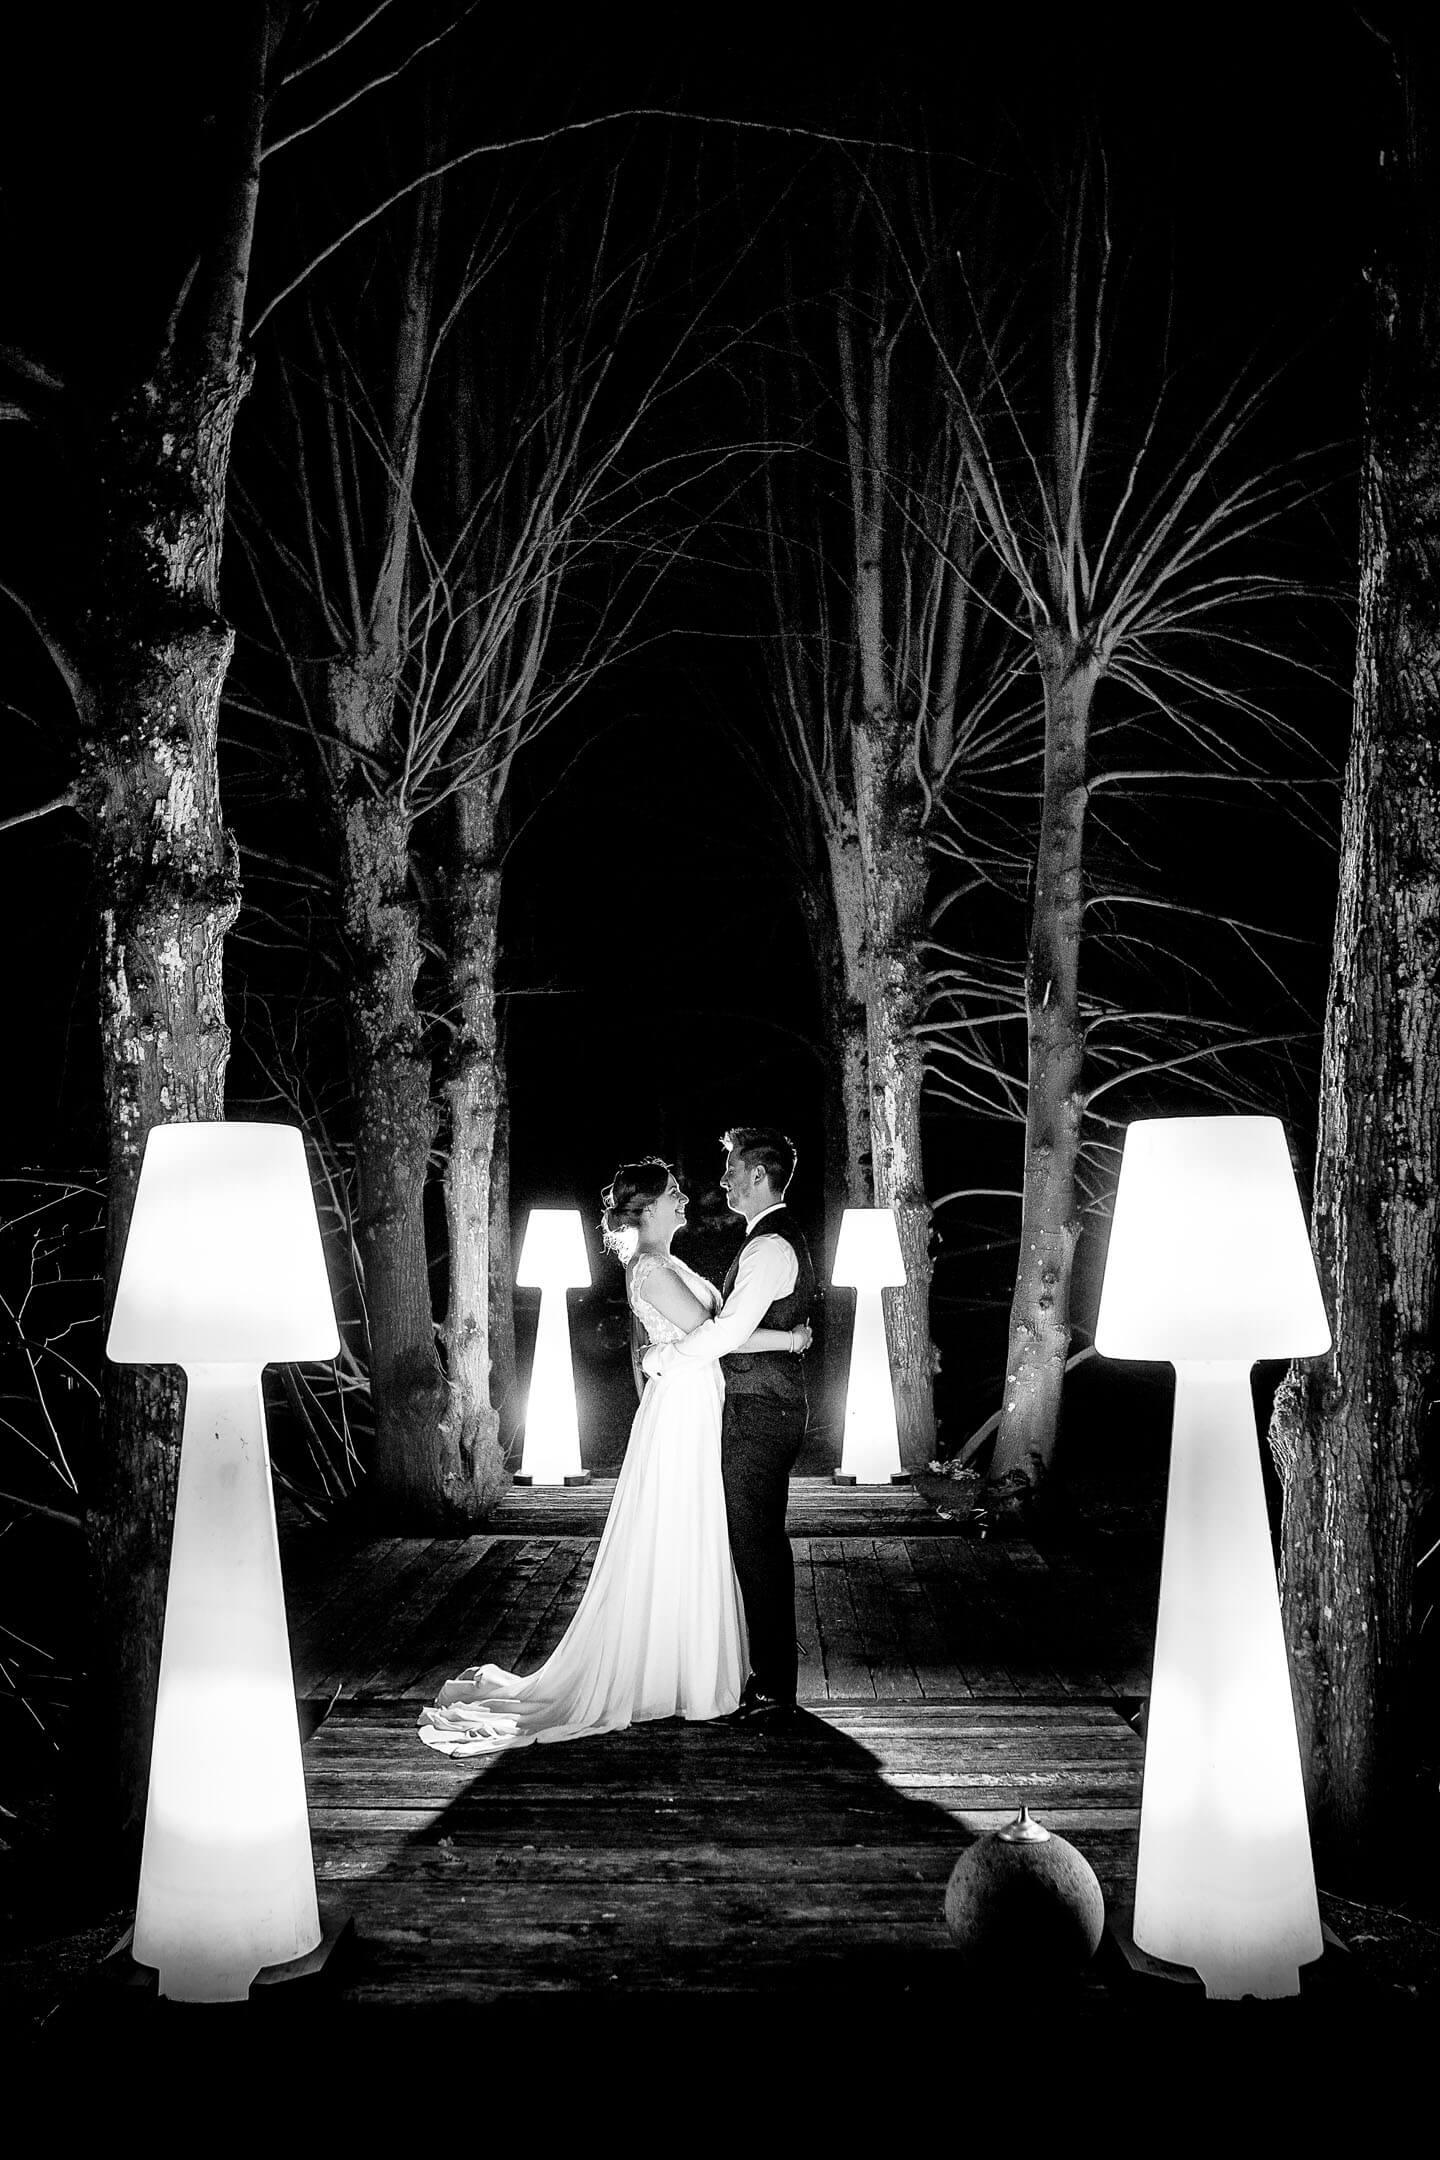 Ausgefallene Hochzeitsfotos bei Nacht von Florian Läufer